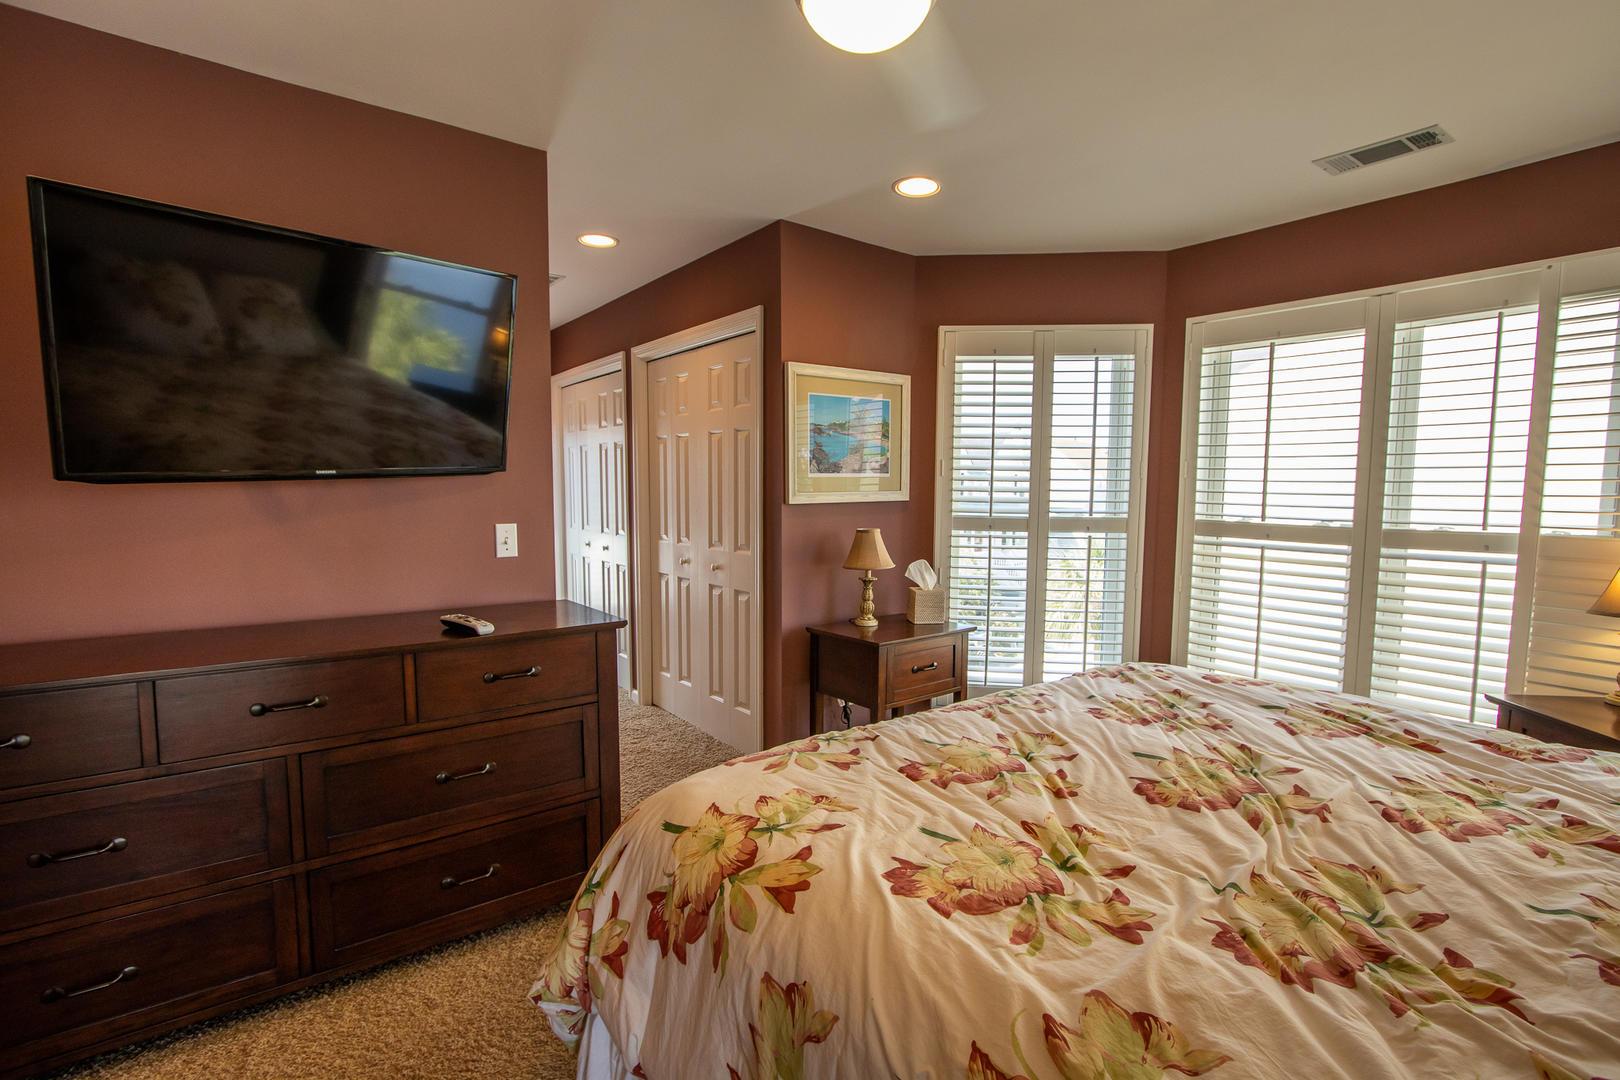 Bedroom 1, 2nd floor, TV, en suite full bath, access to front balcony